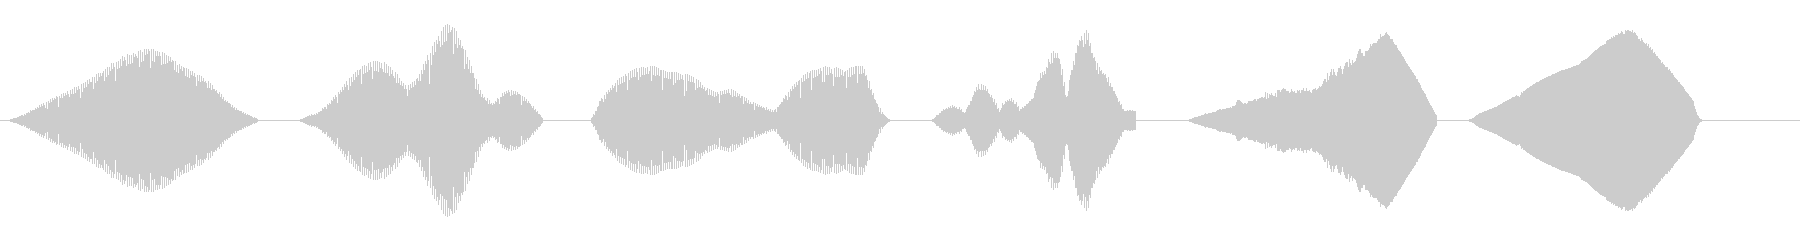 SWEEP、FREQ、CHOP、S...の未再生の波形